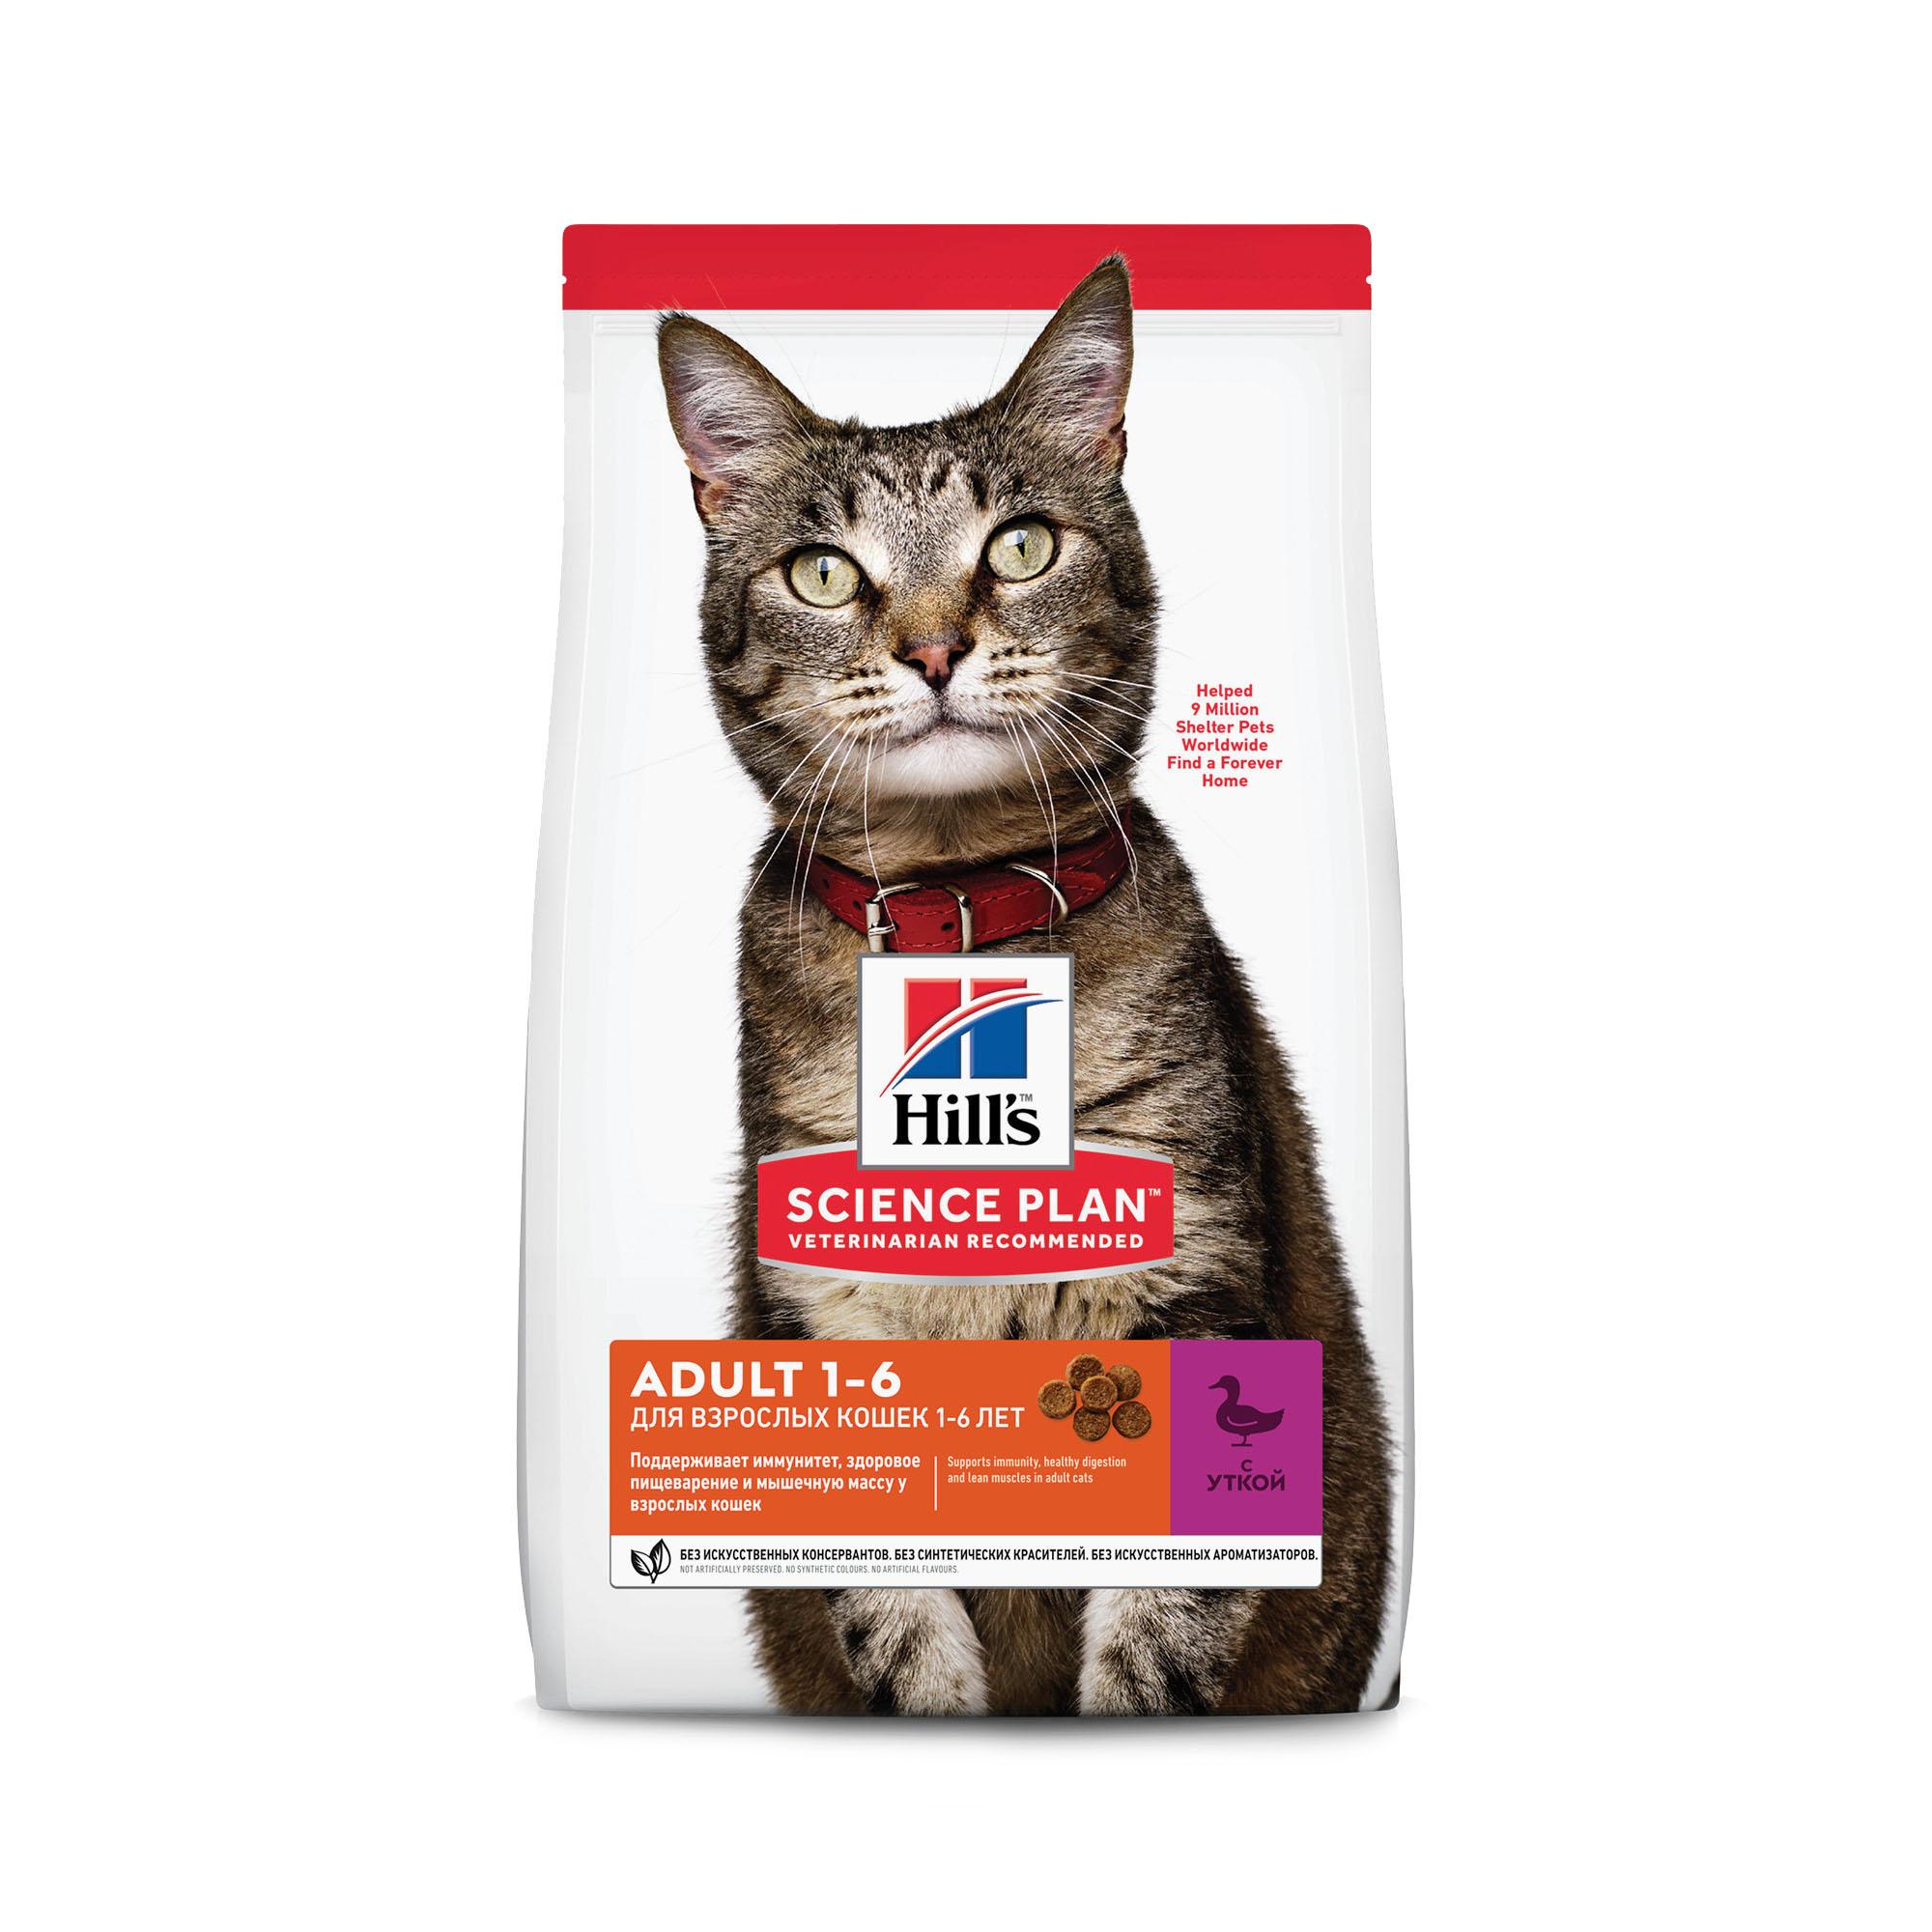 Сухой корм Hill's Science Plan для взрослых кошек для поддержания жизненной энергии и иммунитета с уткой, 1.5кг